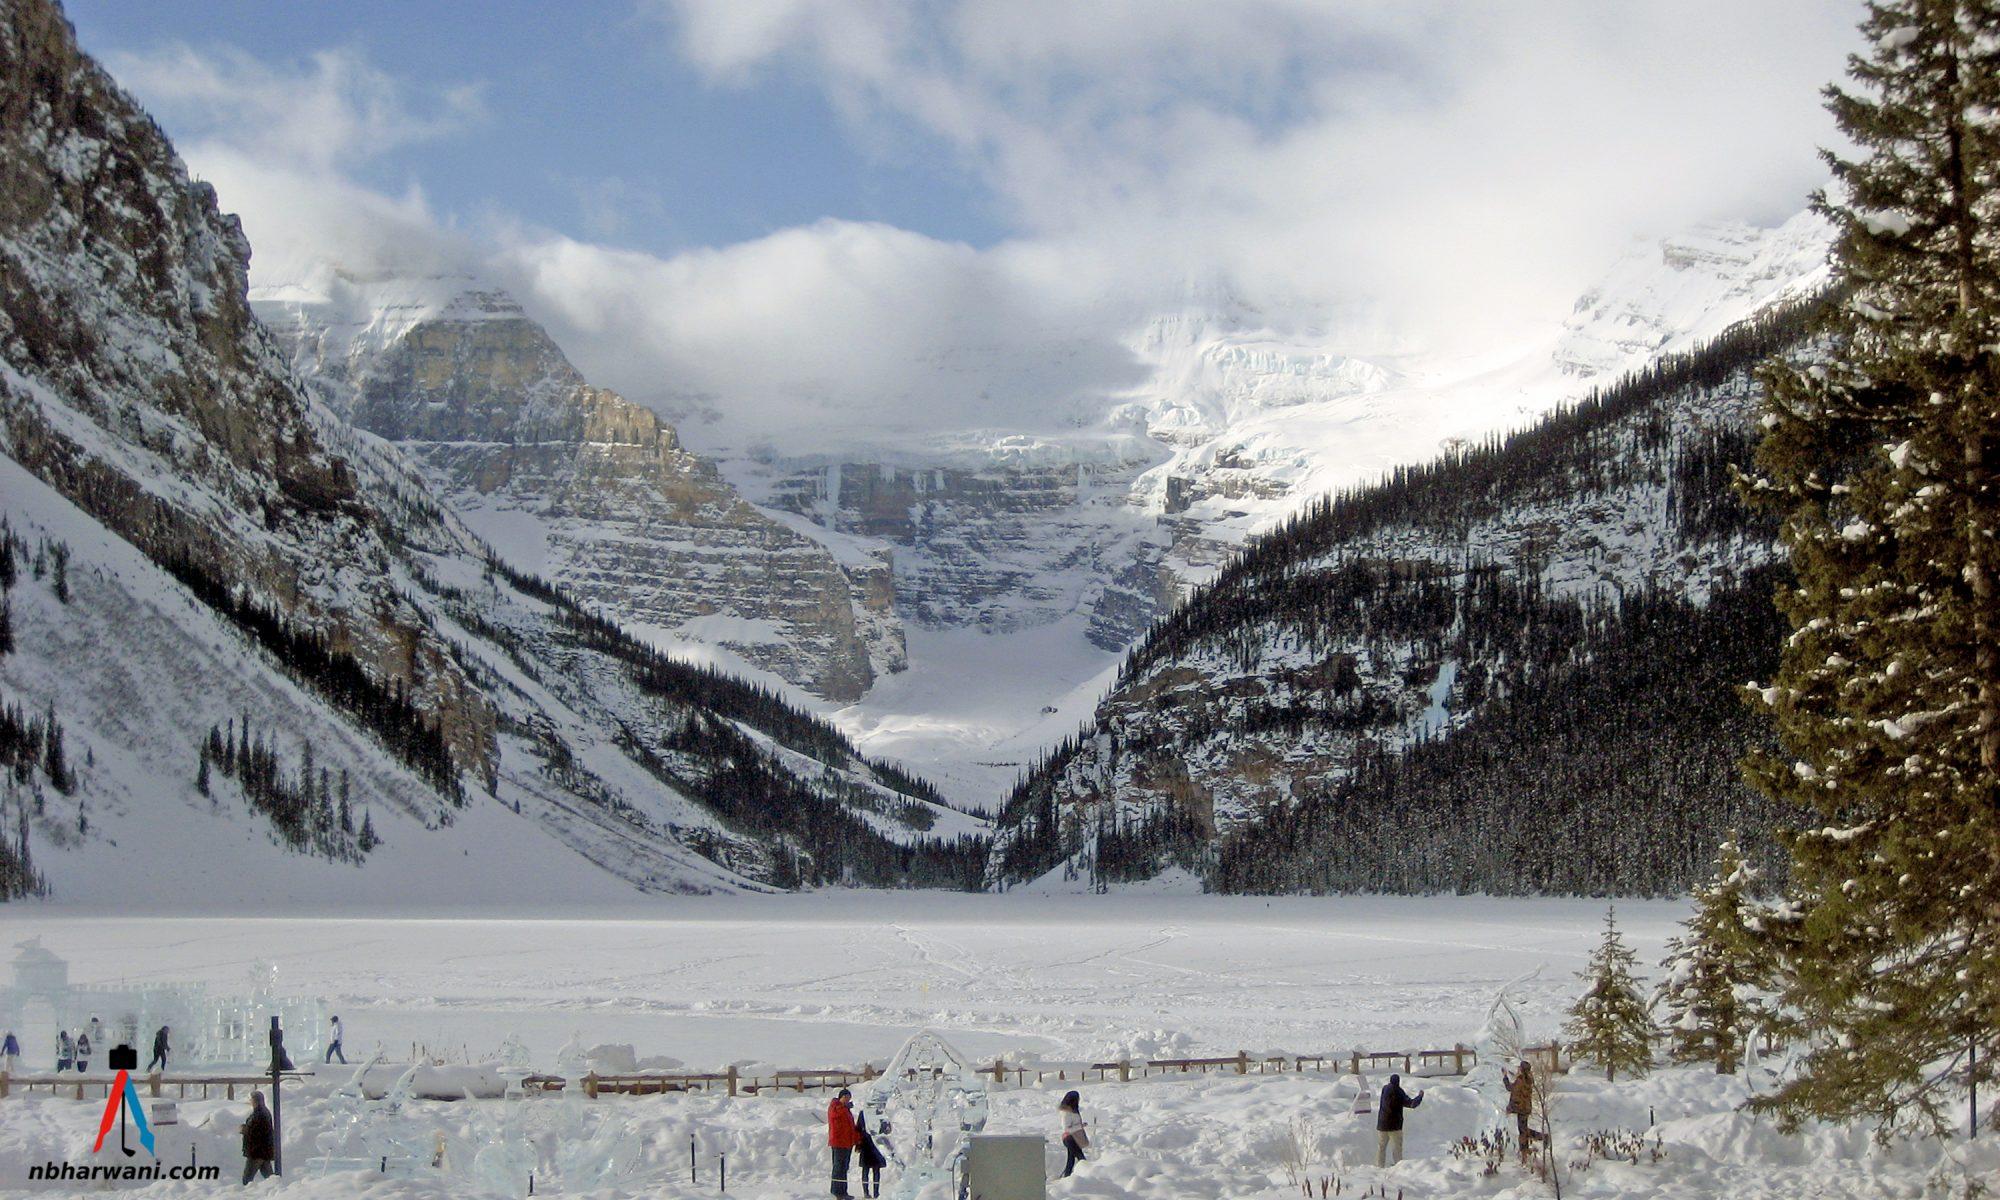 Lake Louise, Alberta. (Dr. Noorali Bharwani)